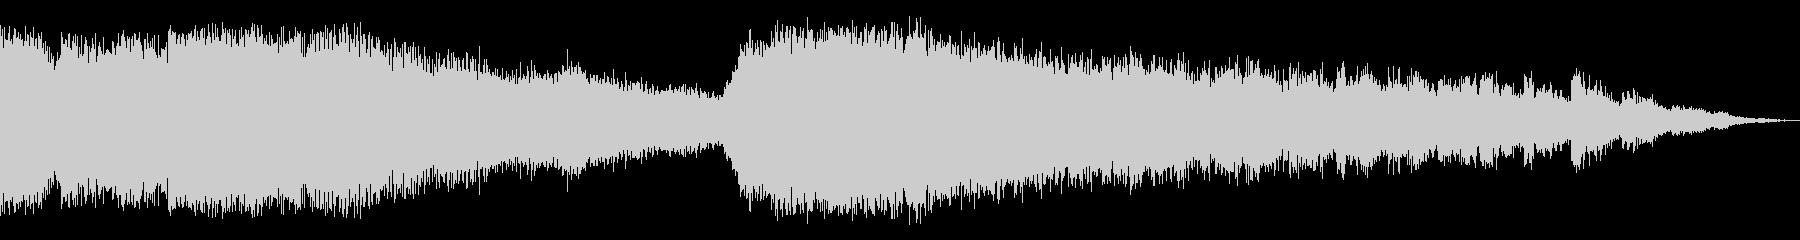 シアースペース2の未再生の波形